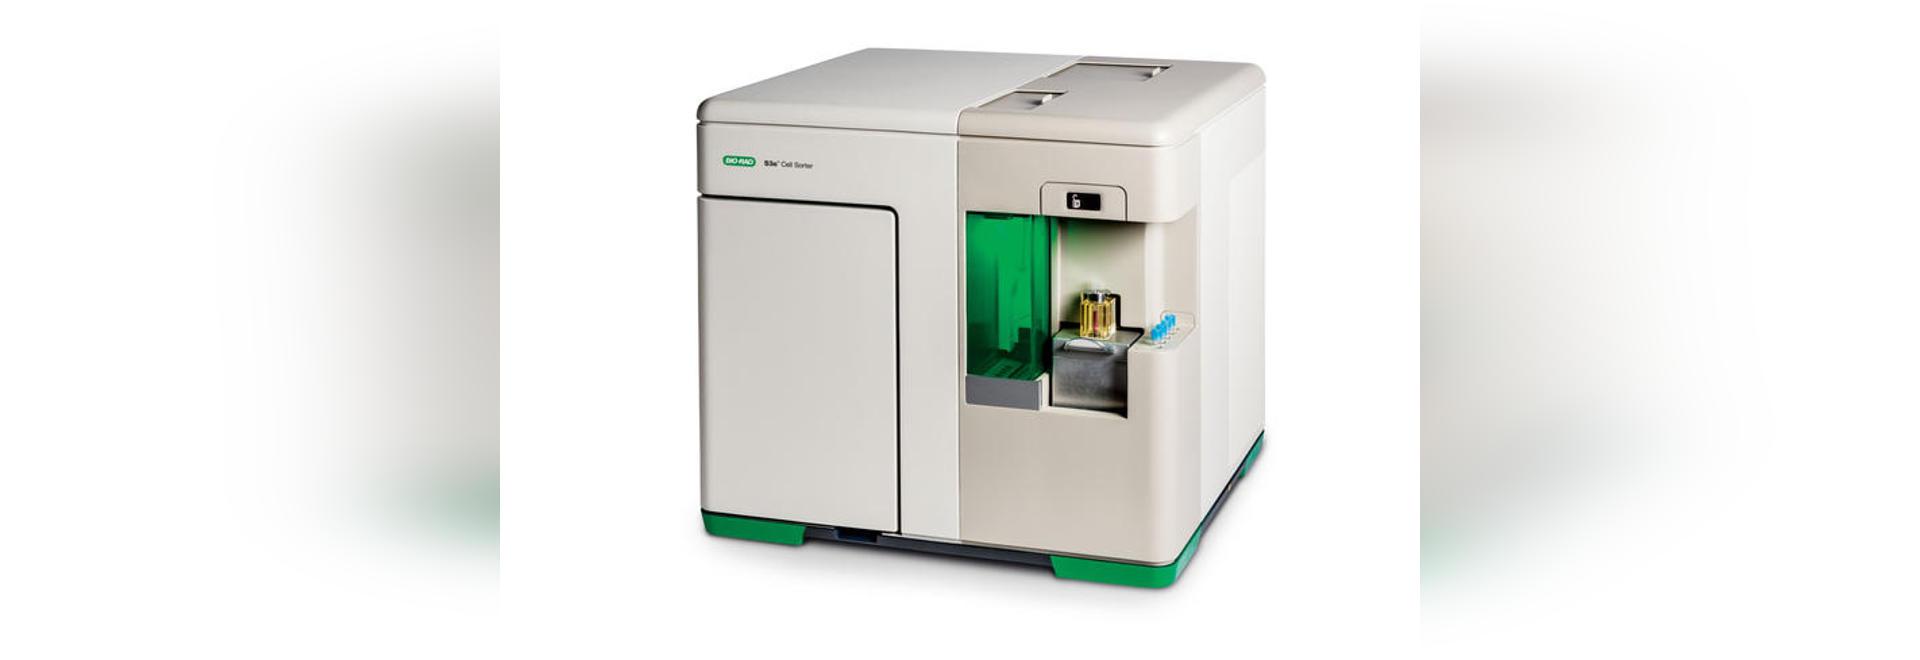 La trieuse automatisée de cellules élimine le replacement manuel